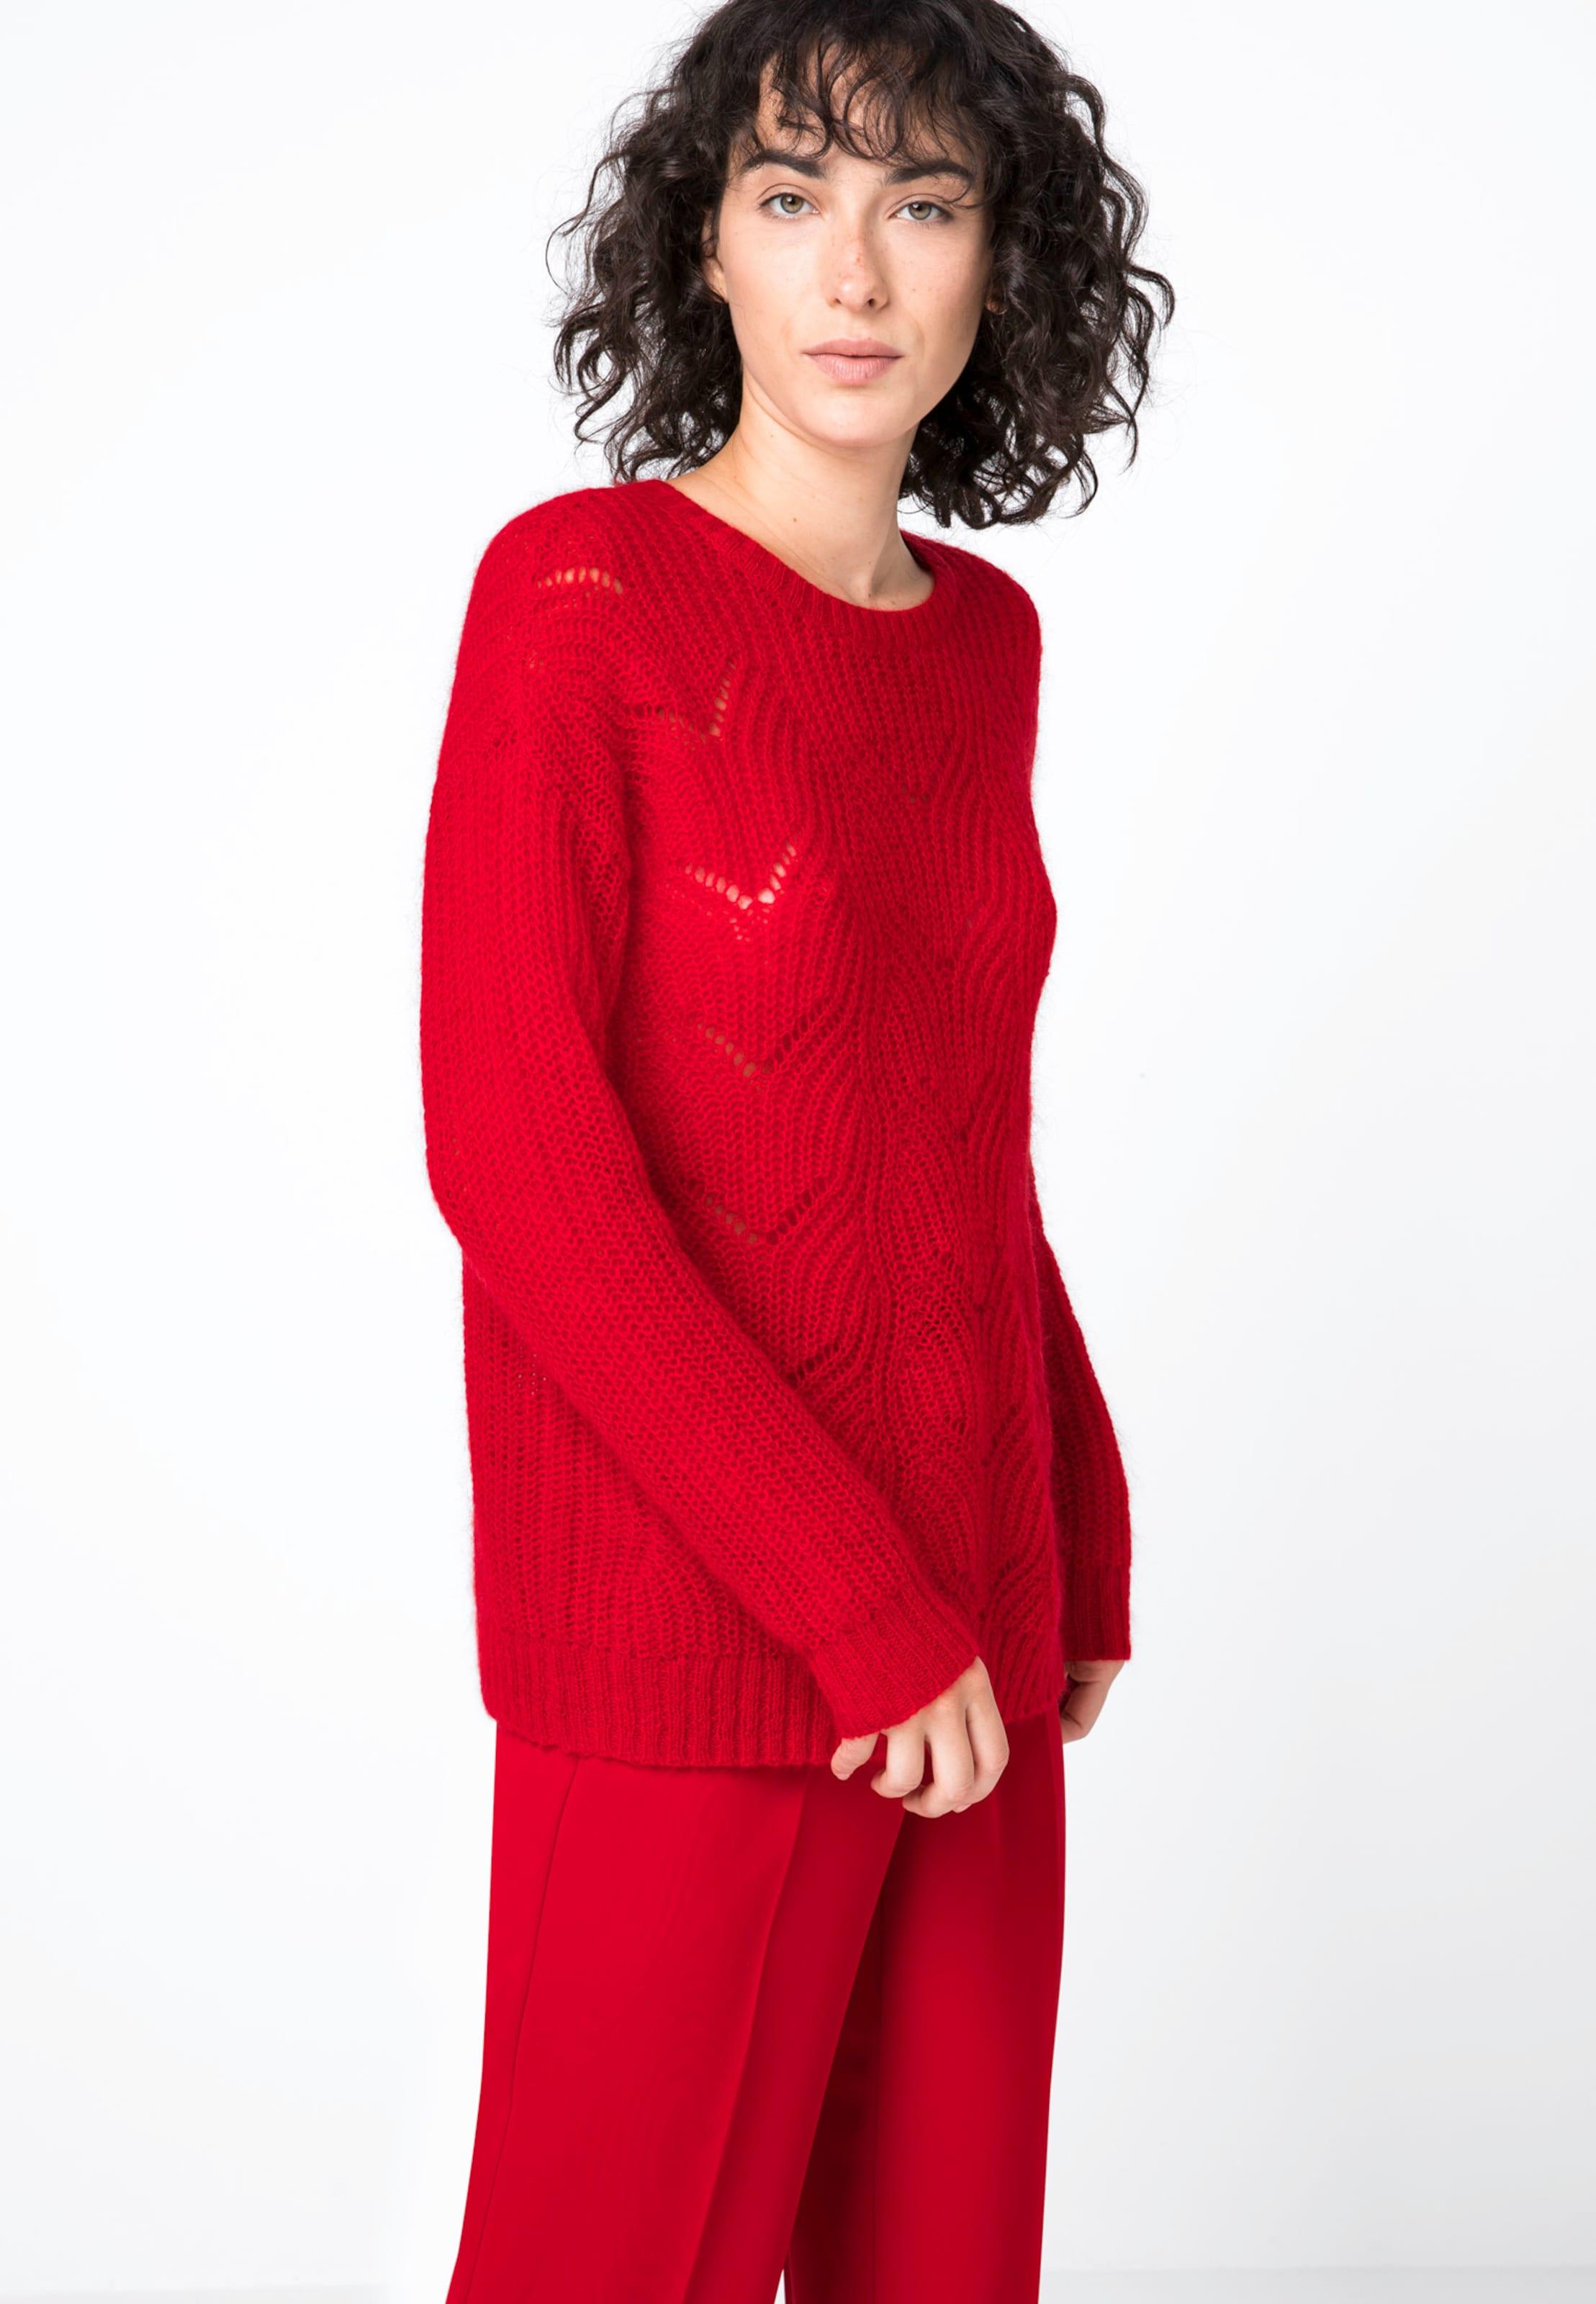 Pullover Hallhuber In Hallhuber Pullover Rot xBeCrdo